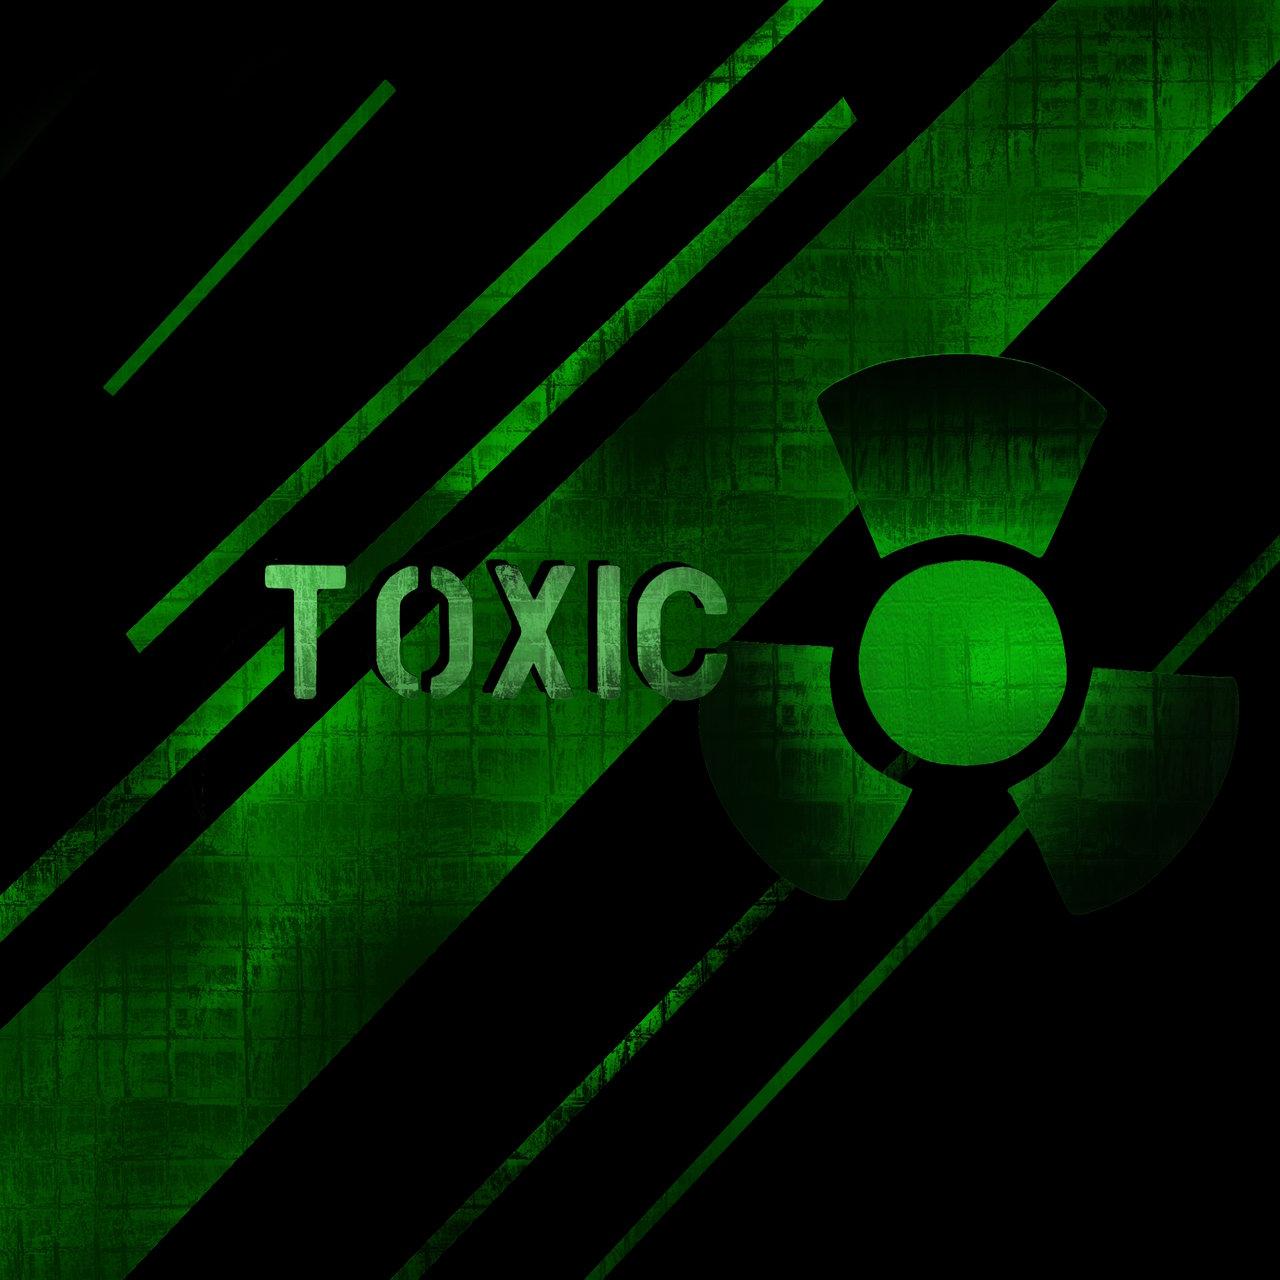 Toxic Symbol Wallpaper Edge 1280x1280